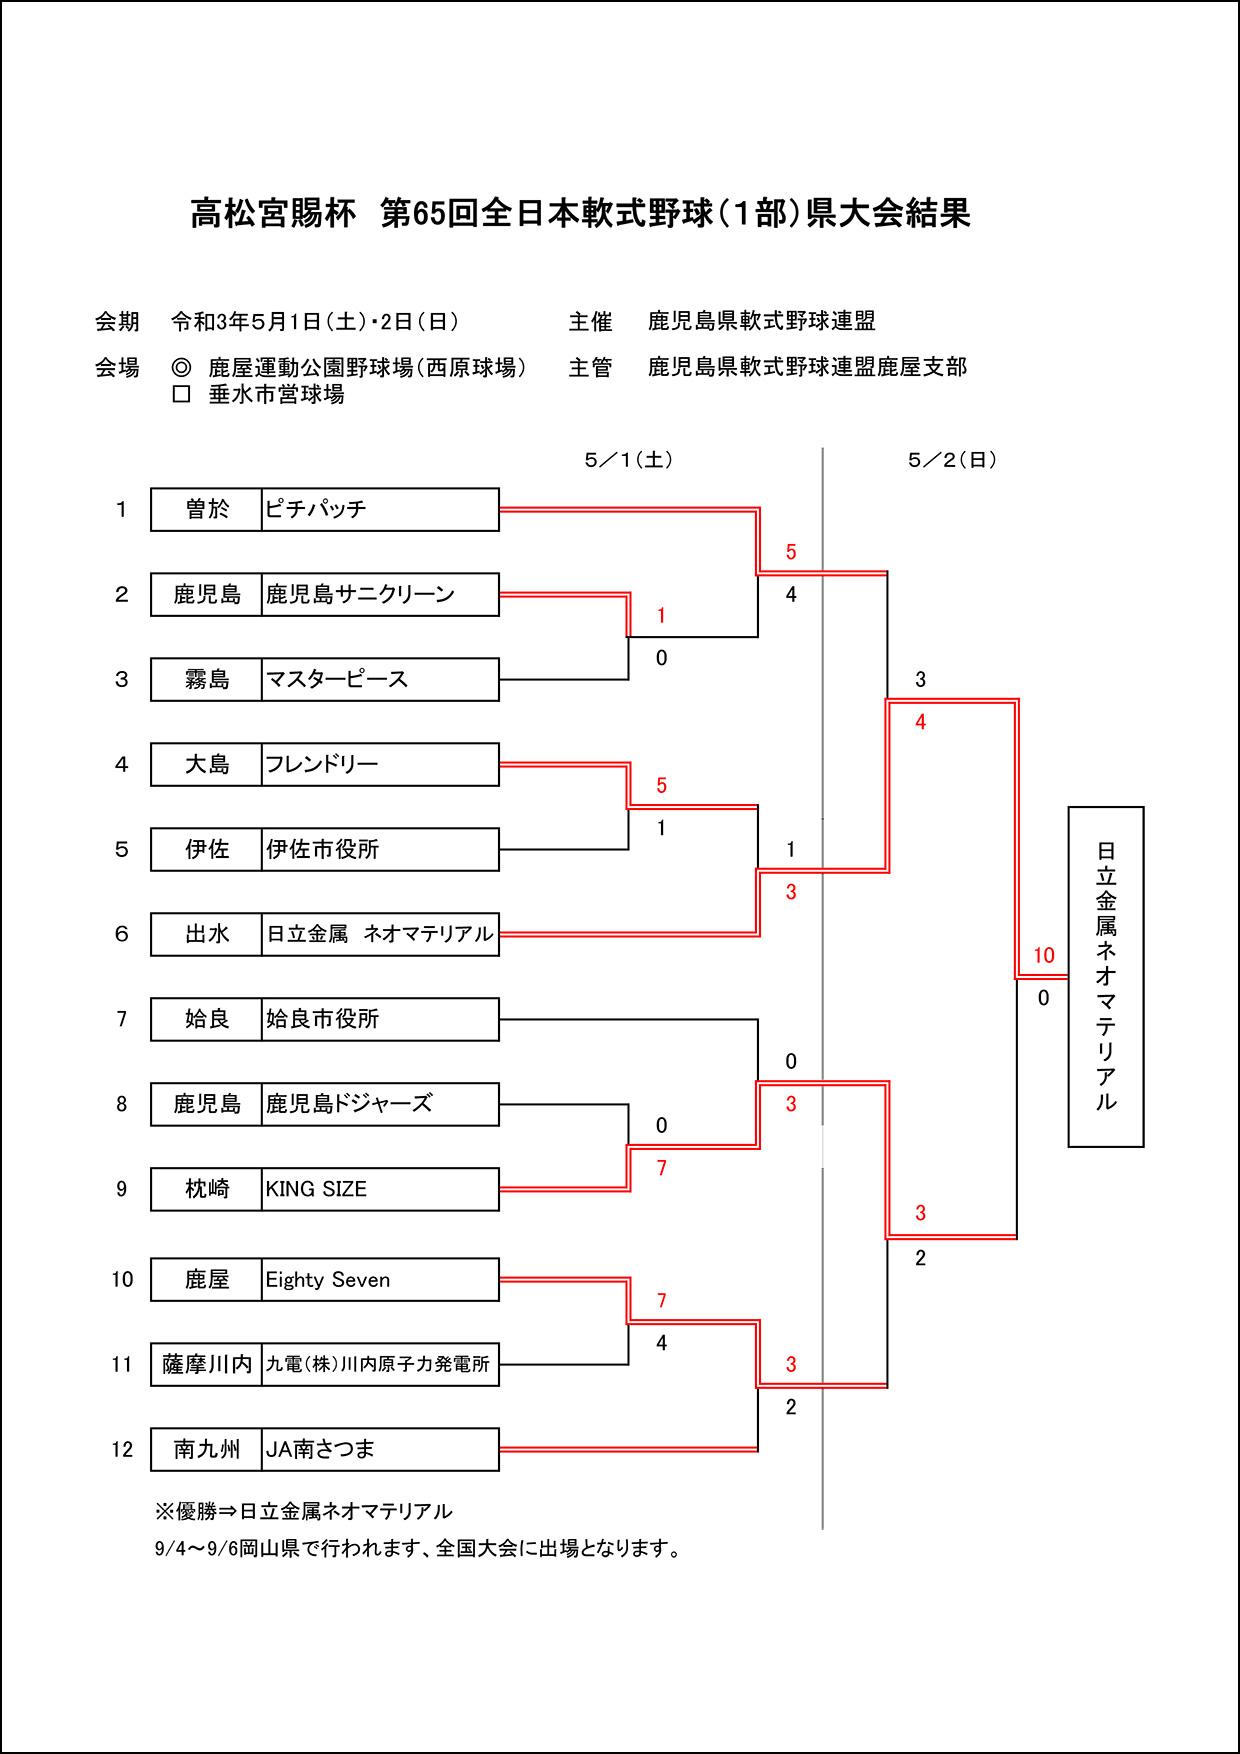 【結果】高松宮賜杯第65回全日本軟式野球(1部)県大会